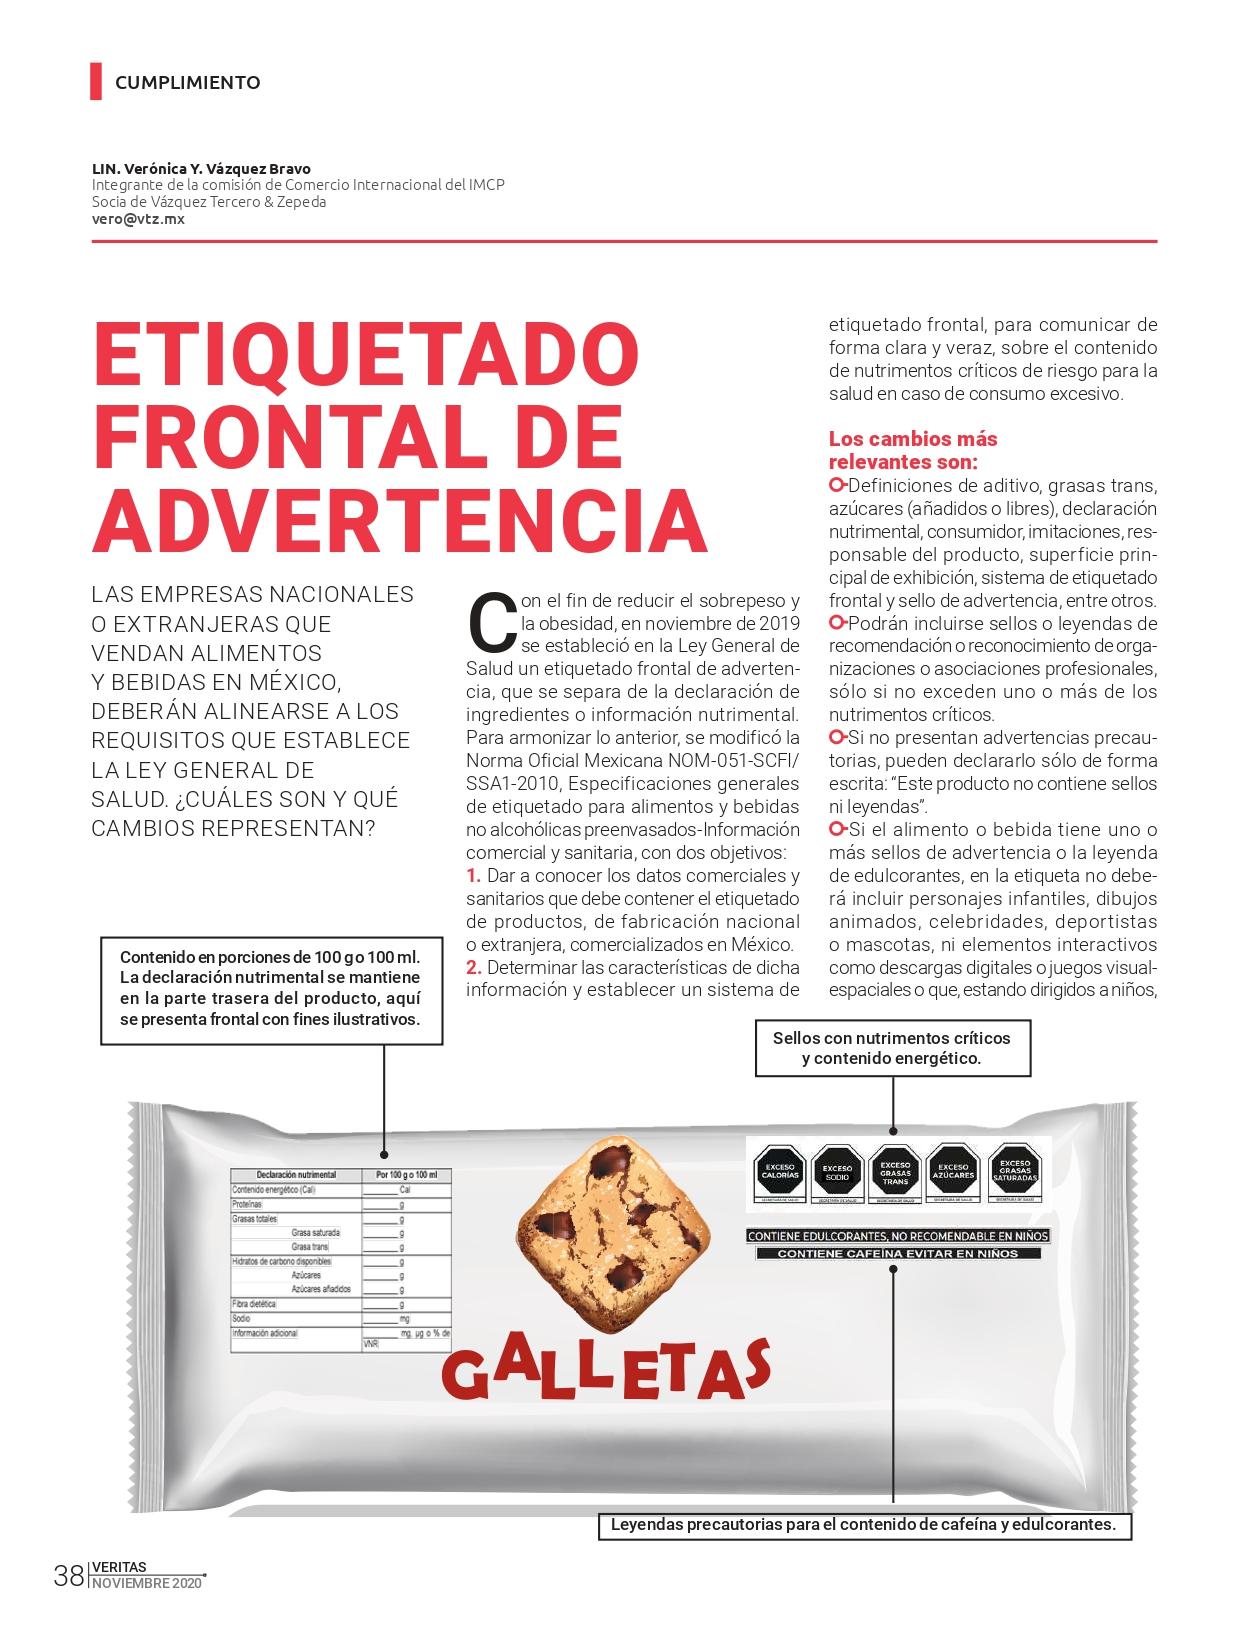 Artículo sobre el Etiquetado Frontal de Advertencia | Revista Veritas